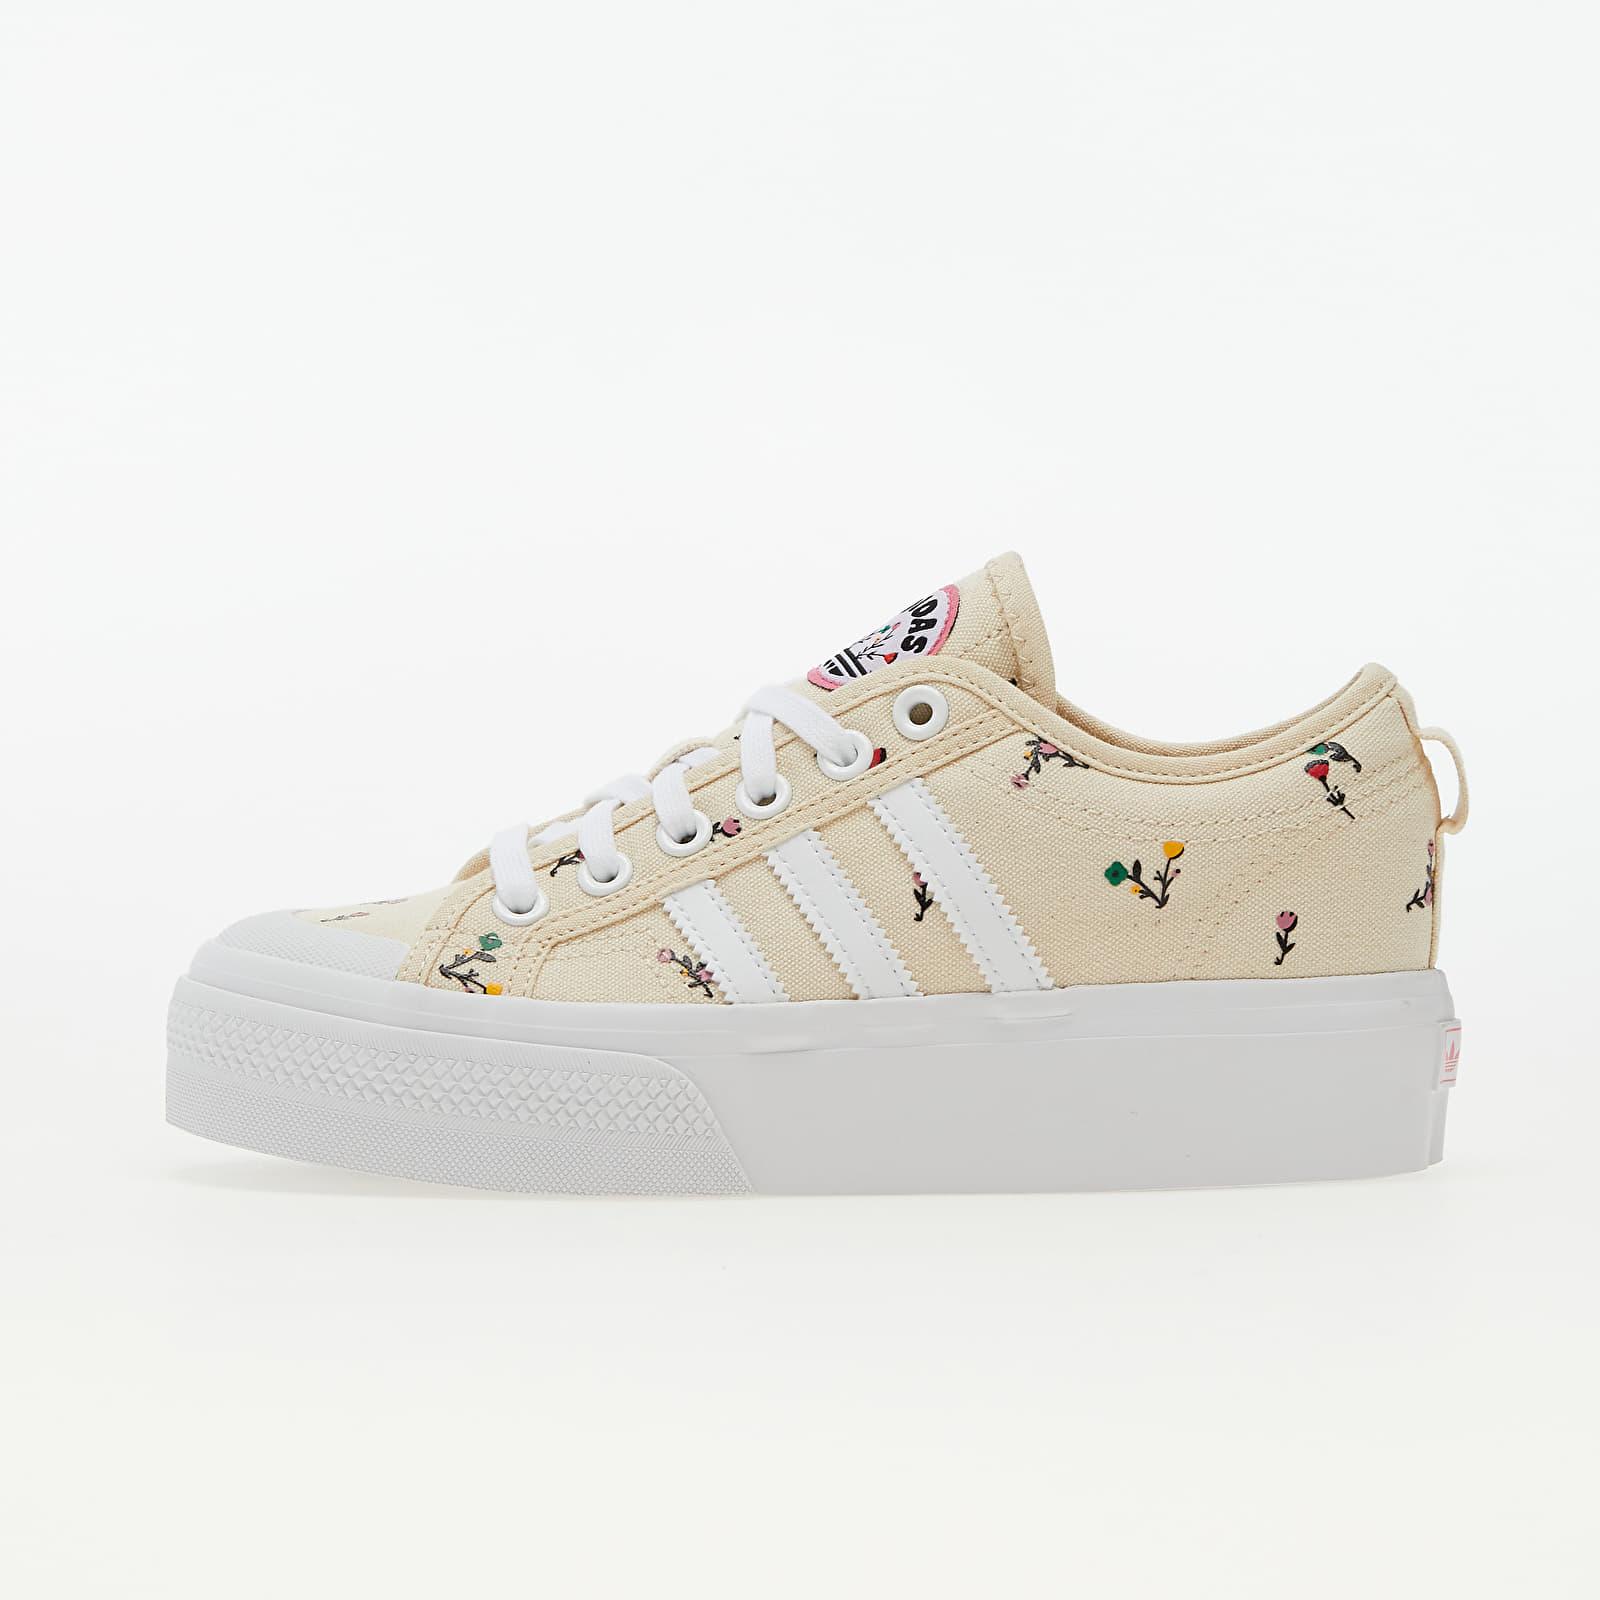 adidas Nizza Platform W Supplier Colour/ Ftw White/ Rose Tone EUR 41 1/3